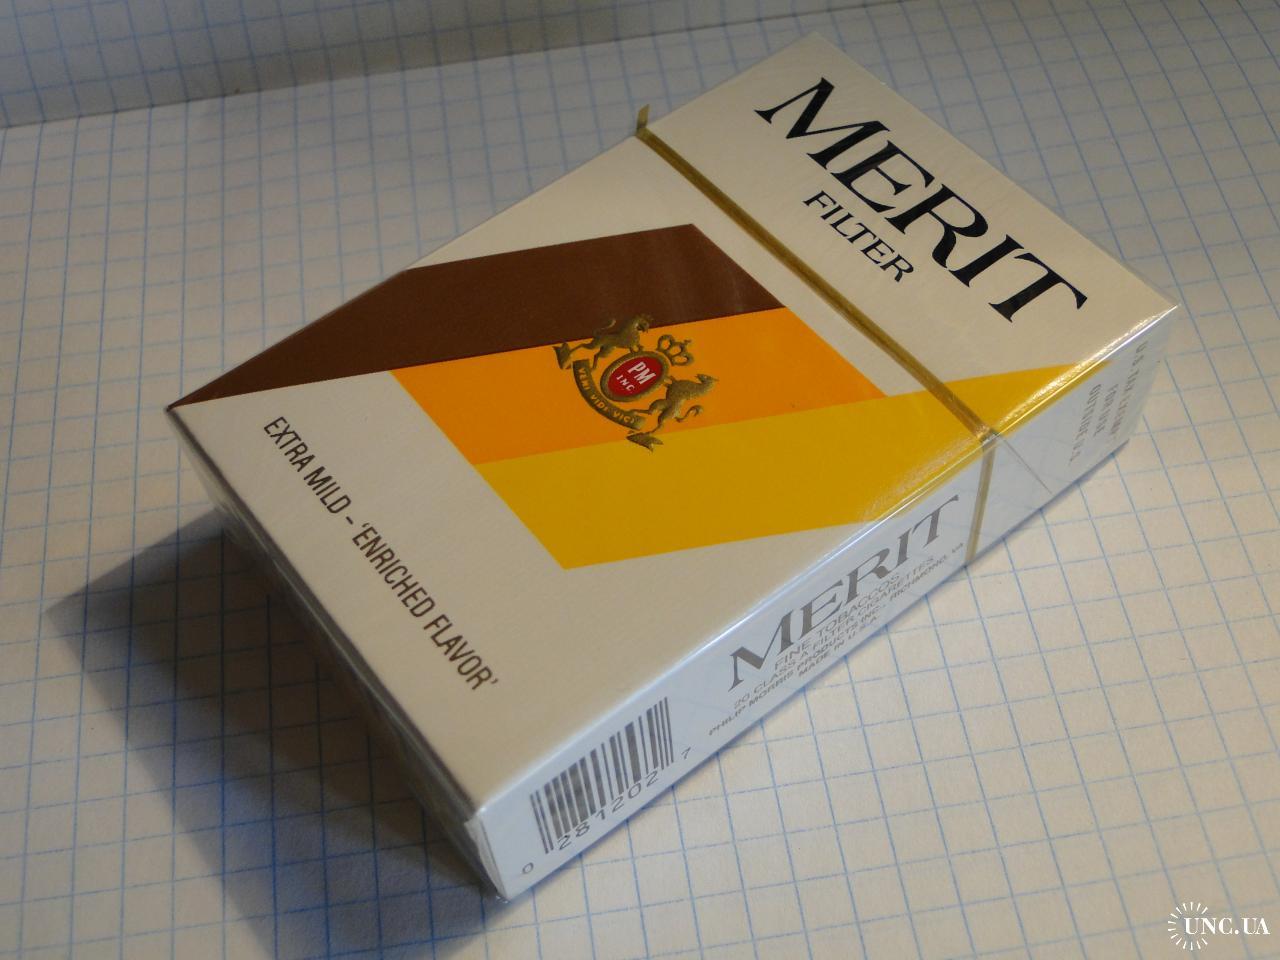 Купить сигареты мерит сигареты оптом ногинск